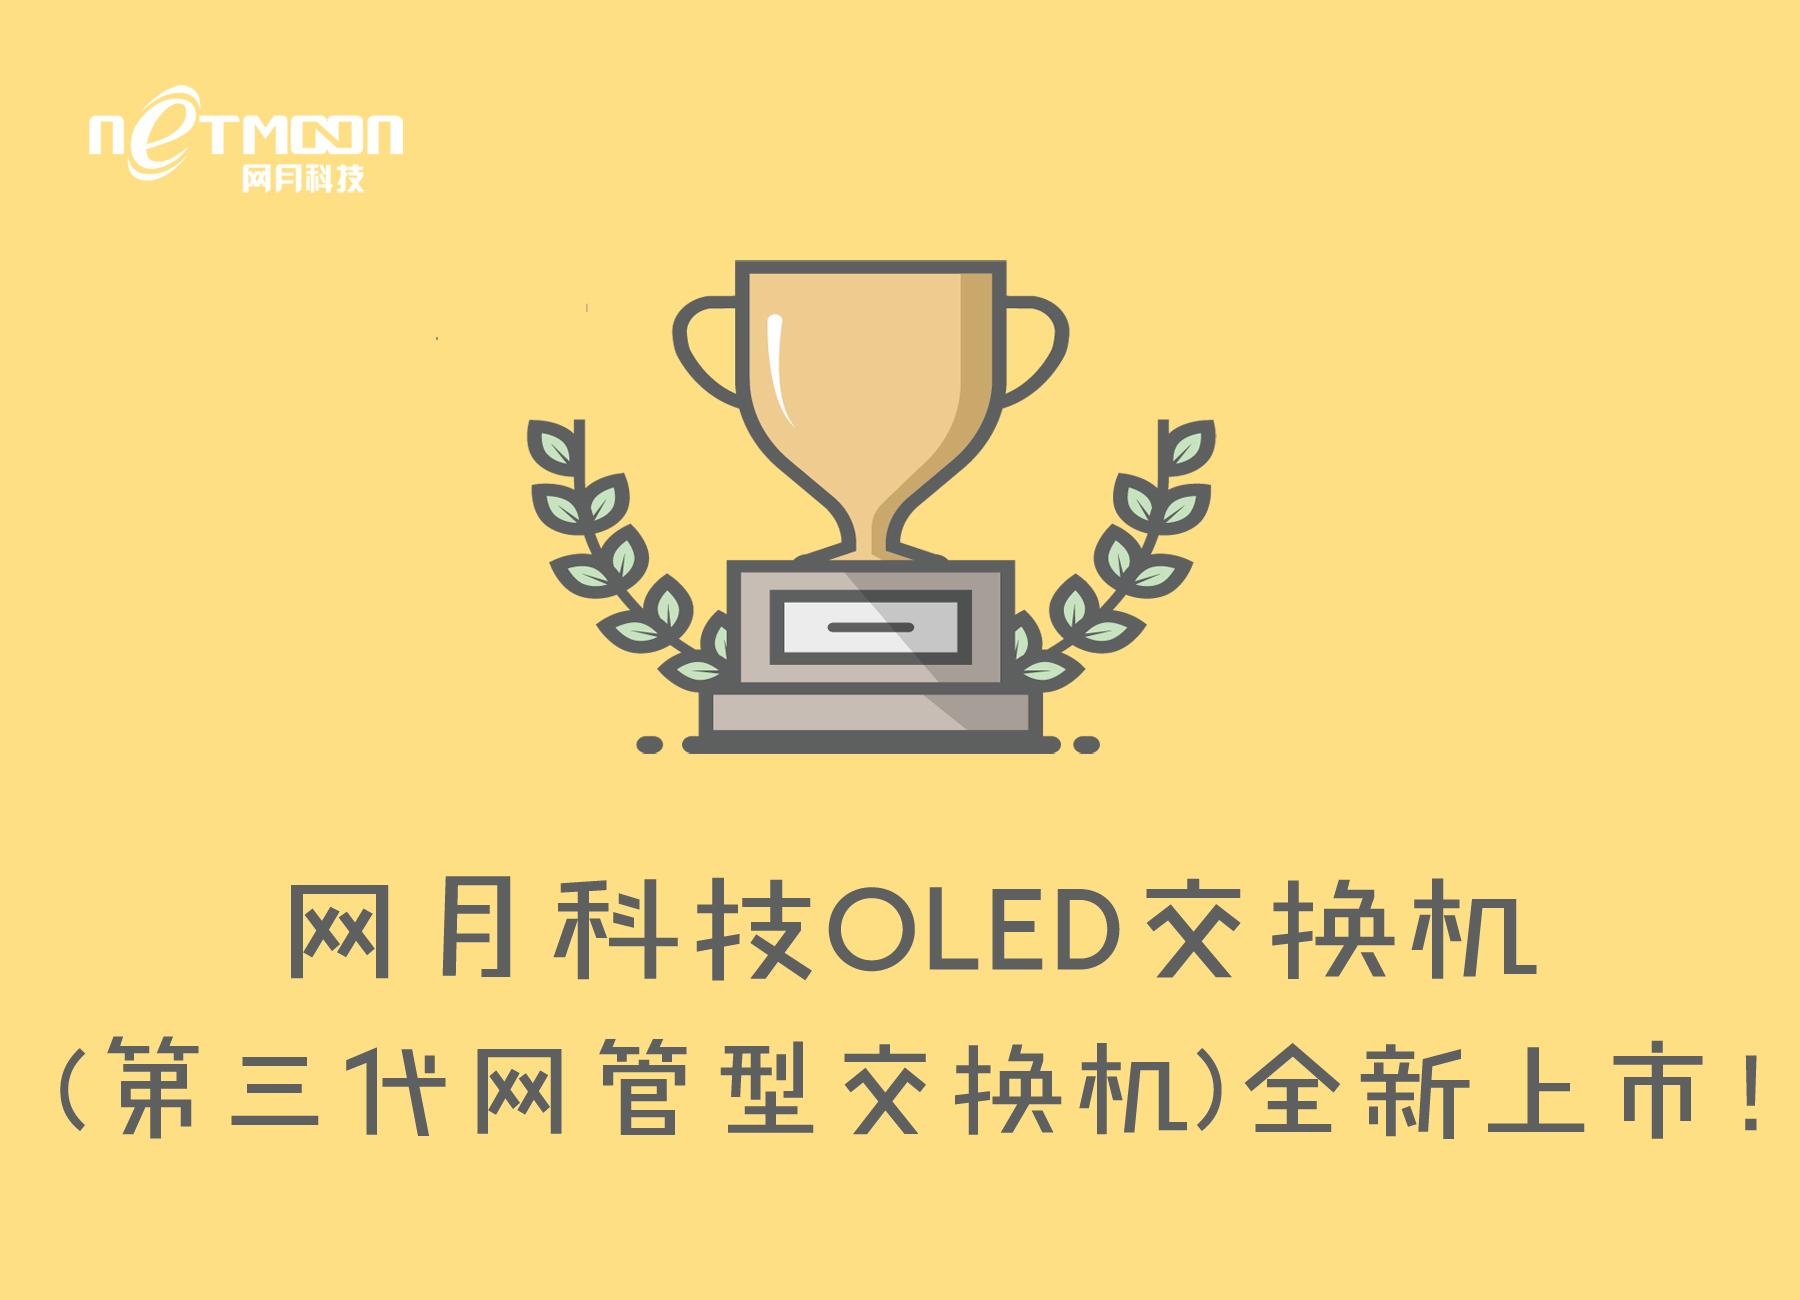 网月科技OLED交换机(第三代网管型交换机)全新上市!